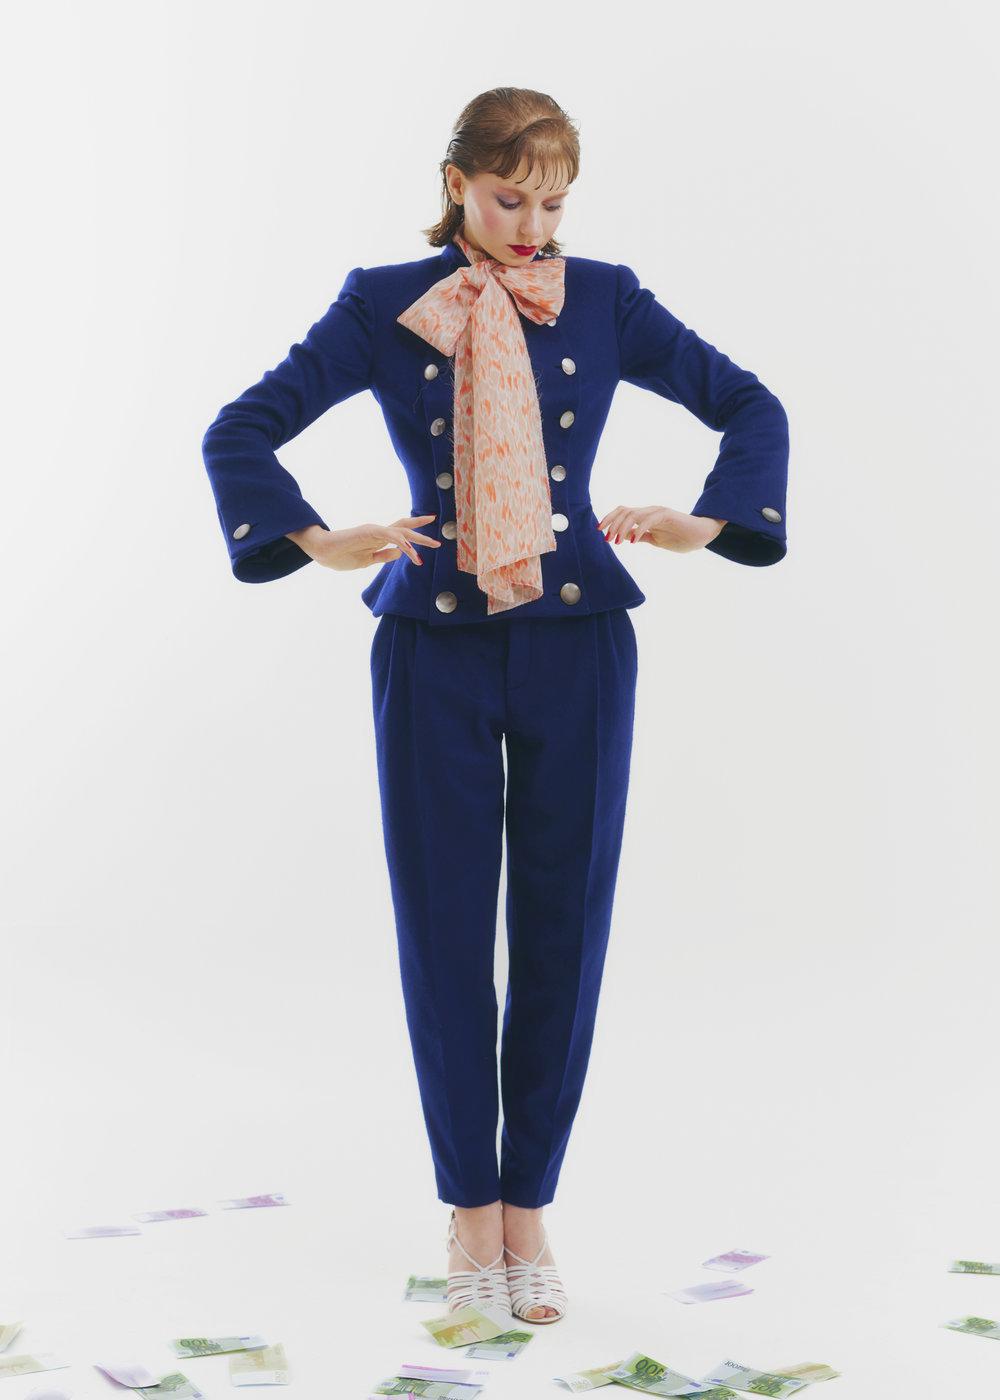 Chaqueta y pantalón de  RONALD VAN DER KEMP , brasier de  VÉRONIQUE   LEROY  y zapatos de  MICHEL VIVIEN